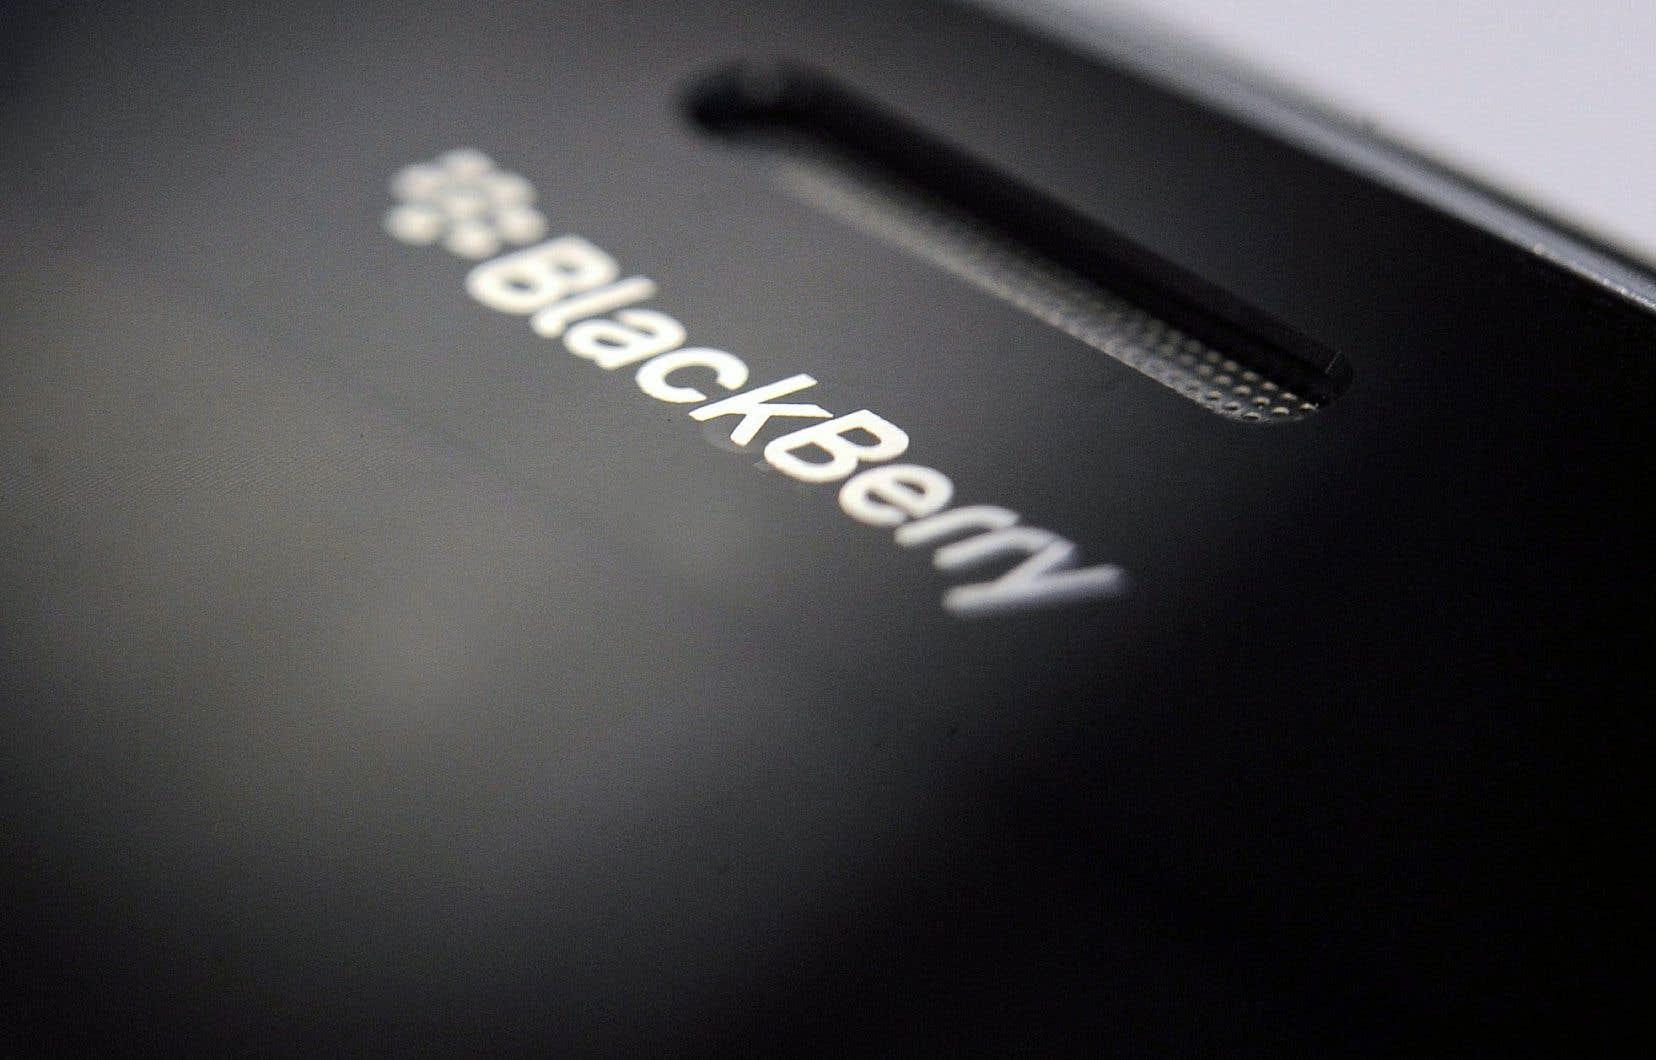 BlackBerry a ainsi nommé son appareil sans fil pour rappeler la similarité entre le fruit sauvage et la première version de son cellulaire.